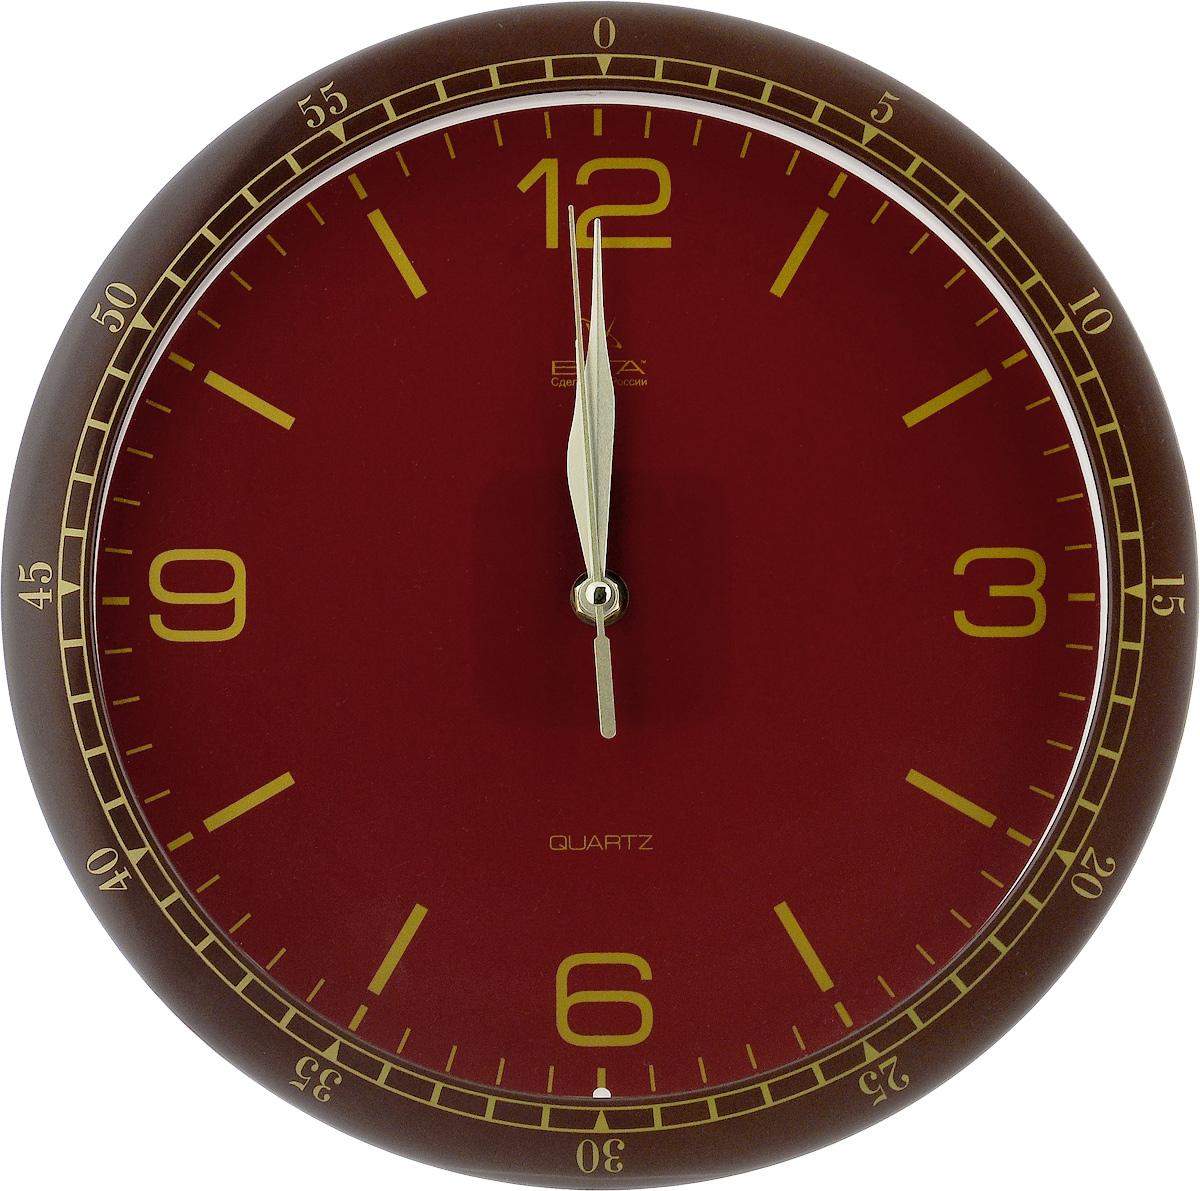 Часы настенные Вега Классика, цвет: коричневый, бордовый, золотой, диаметр 28,5 смП1-7/7-214Настенные кварцевые часы Вега Классика, изготовленные из пластика, прекрасно впишутся в интерьер вашего дома. Круглые часы имеют три стрелки: часовую, минутную и секундную, циферблат защищен прозрачным стеклом. Часы работают от 1 батарейки типа АА напряжением 1,5 В (не входит в комплект). Диаметр часов: 28,5 см.